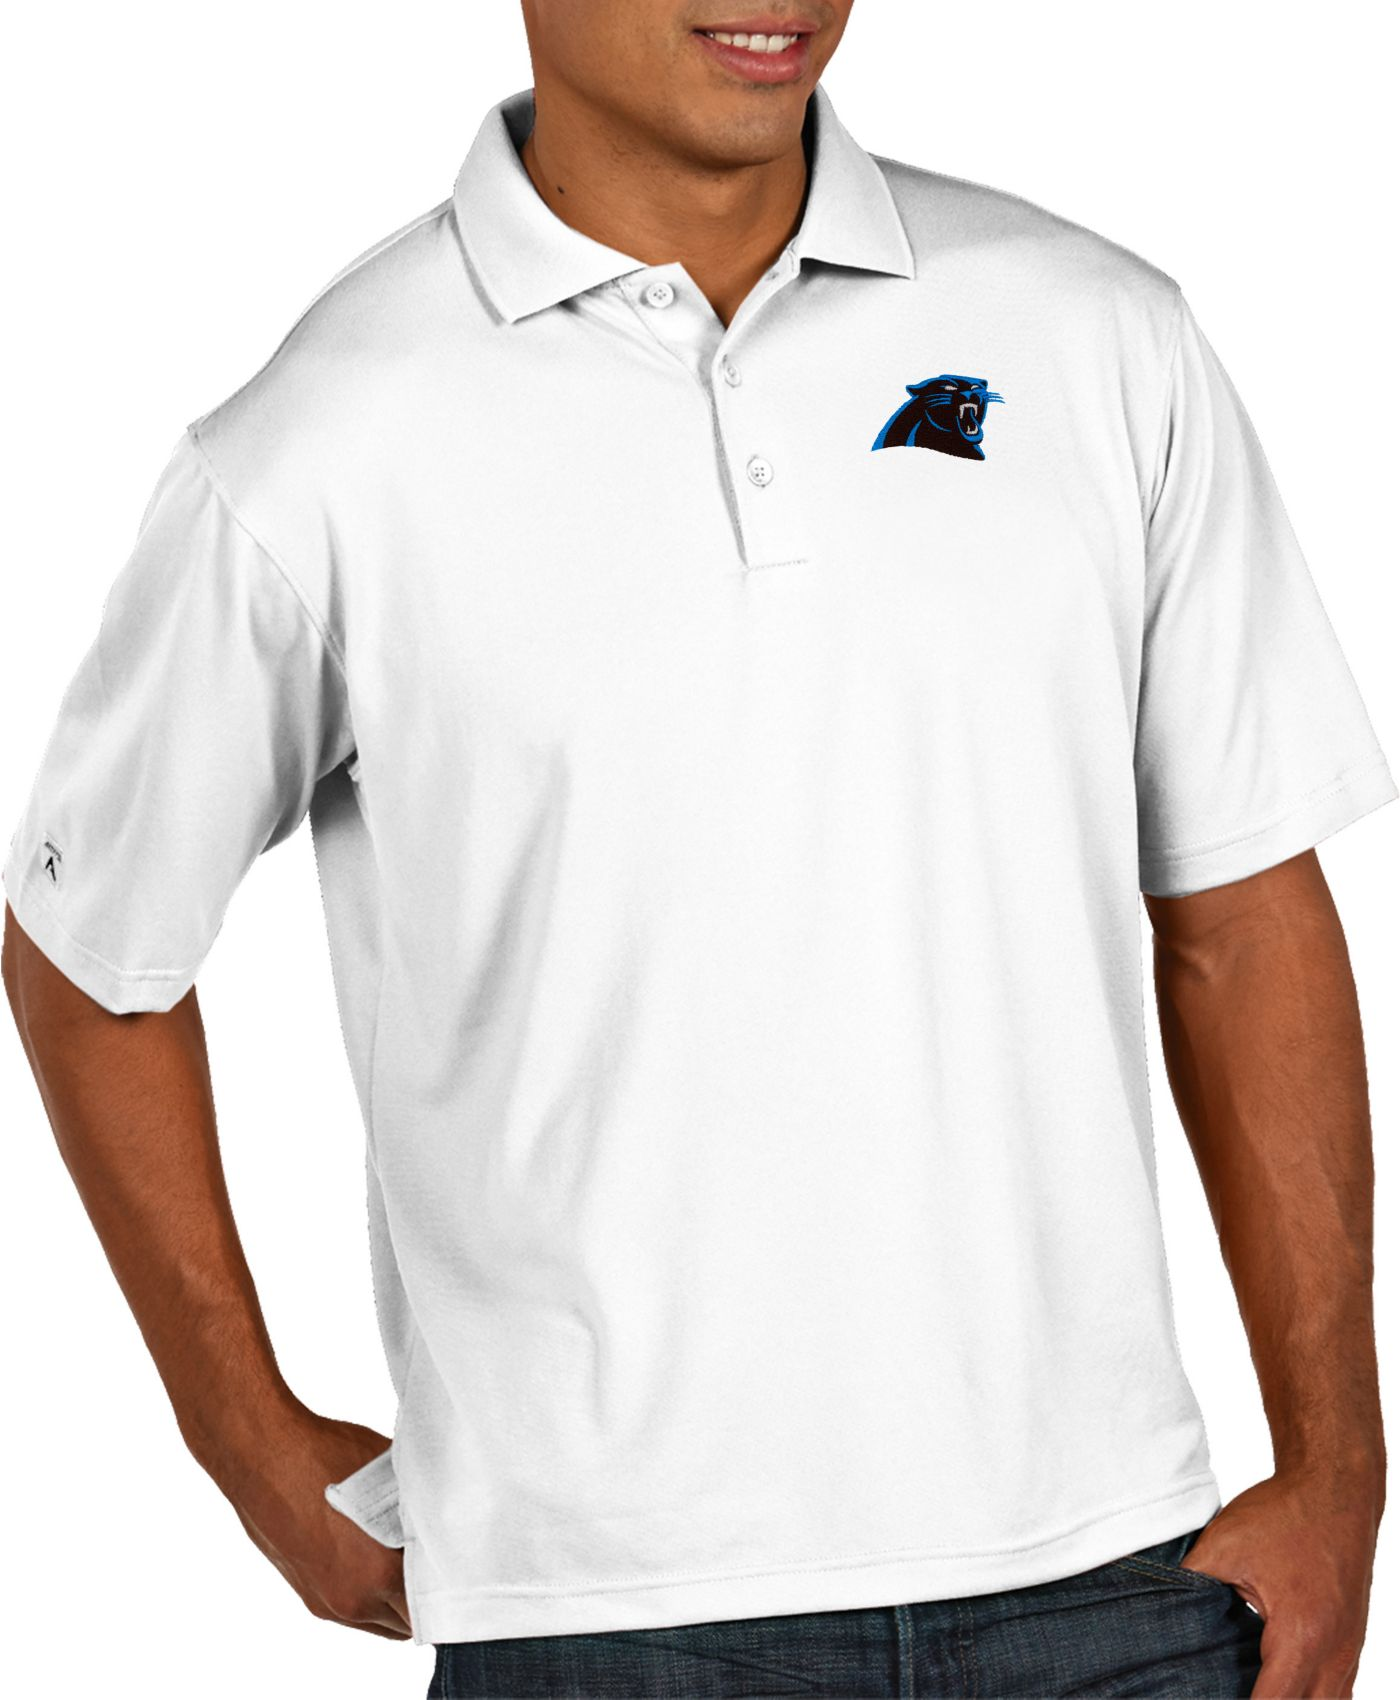 Antigua Men's Carolina Panthers Pique Xtra-Lite Performance White Polo